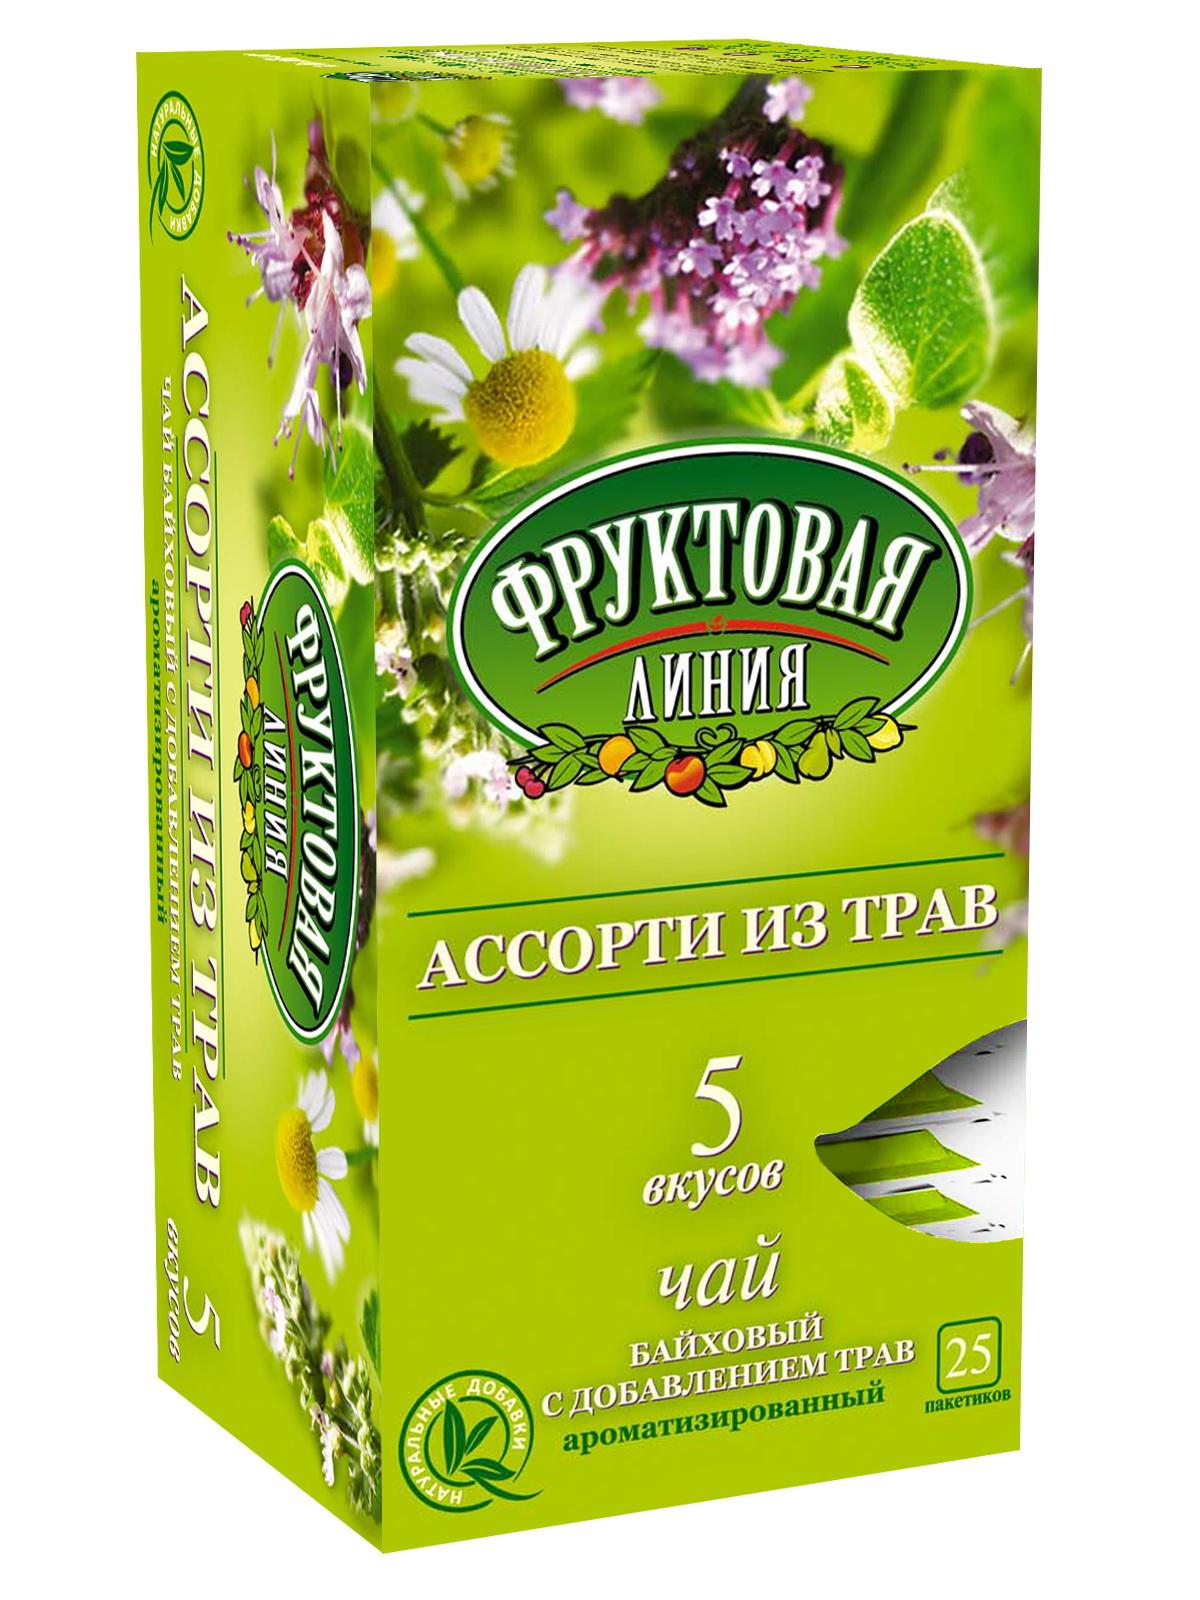 Фруктовая линия Ассорти травяной чай в пакетиках, 25 шт